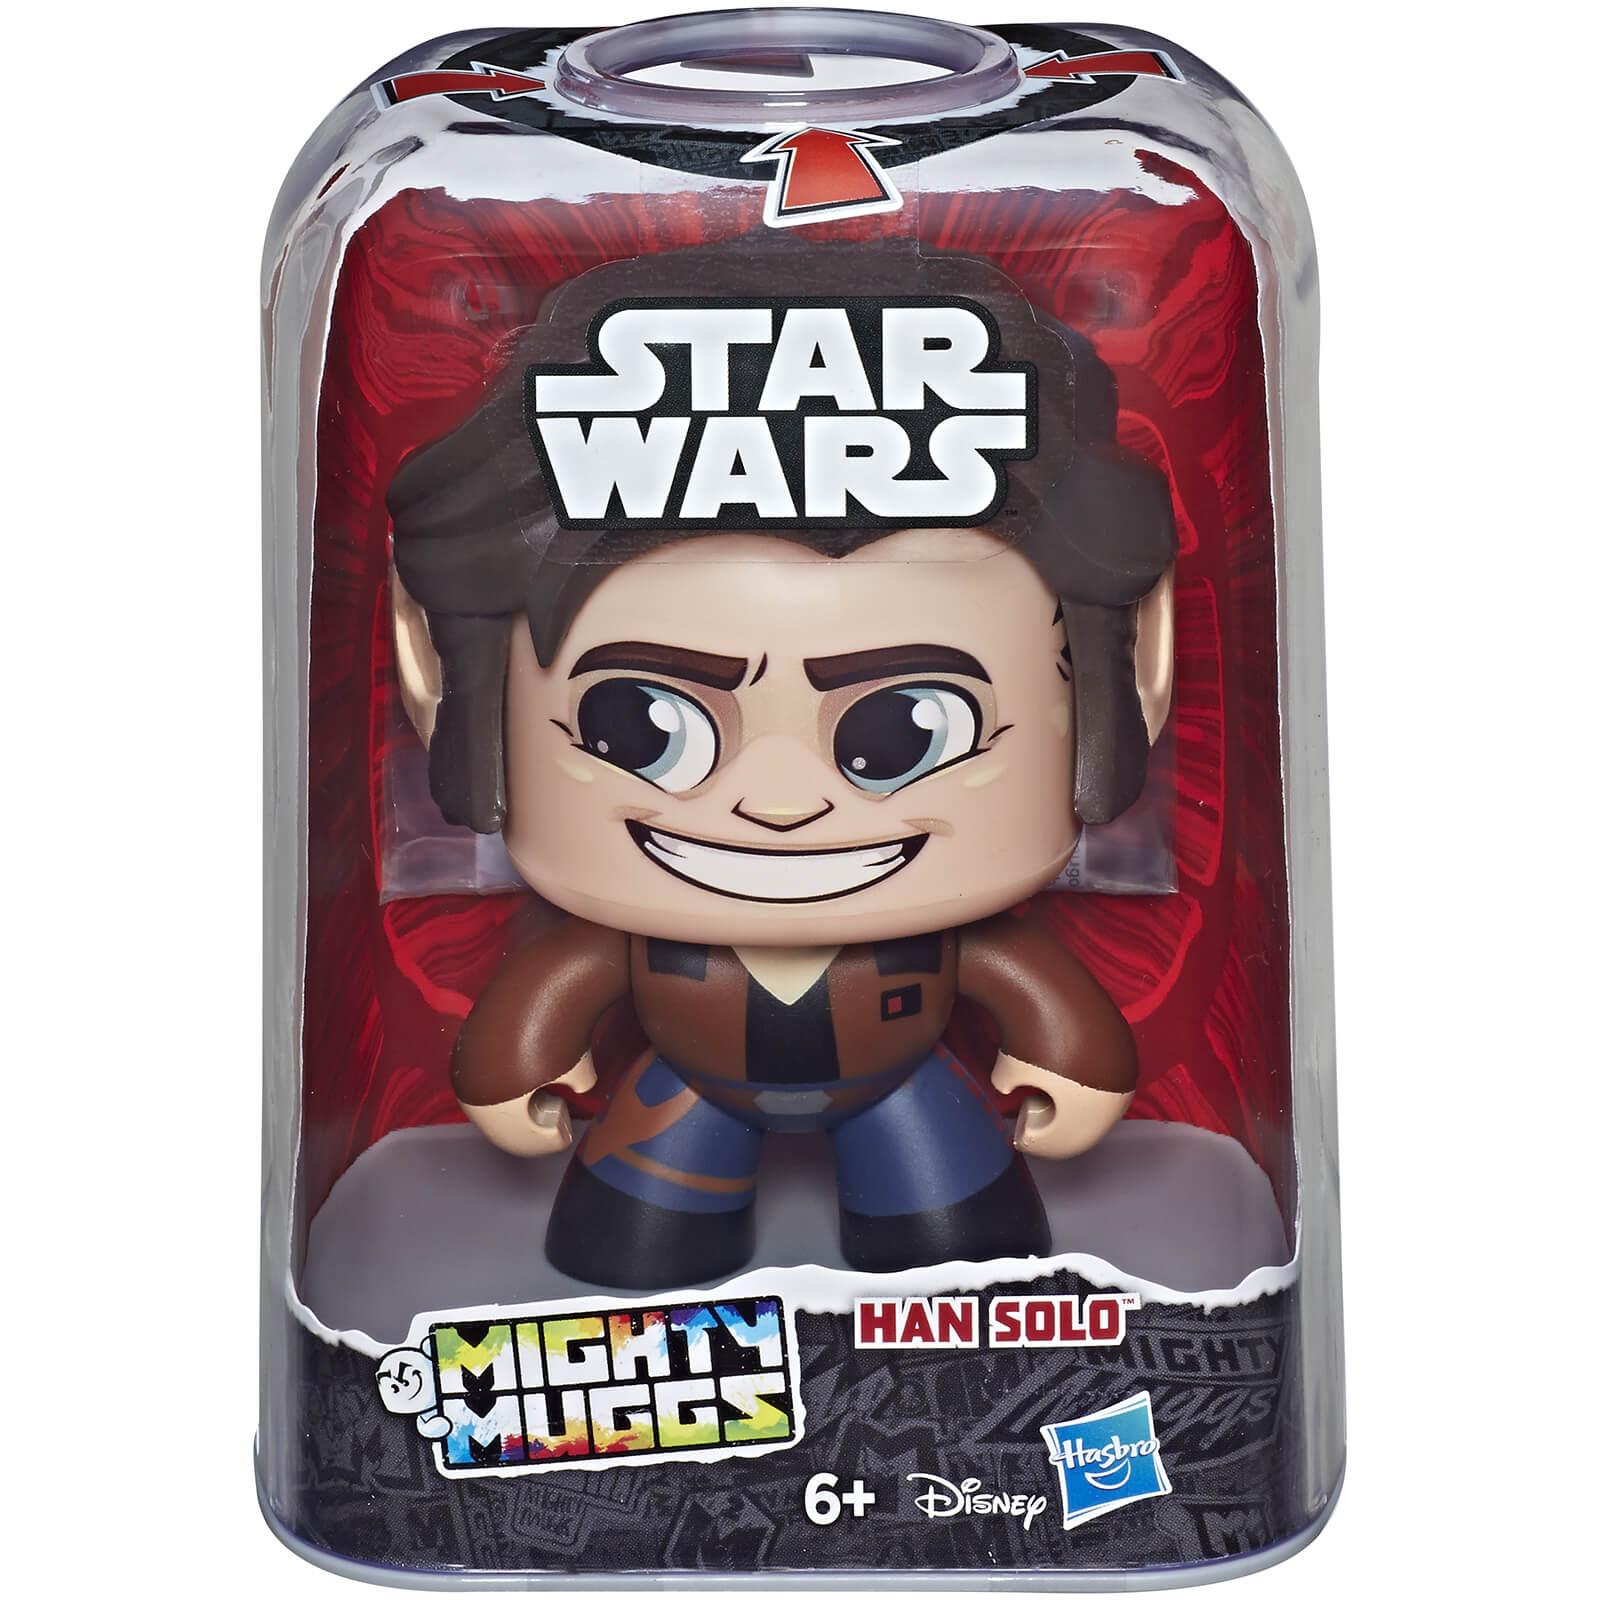 Mighty Muggs Star Wars Mighty Muggs - Han Solo